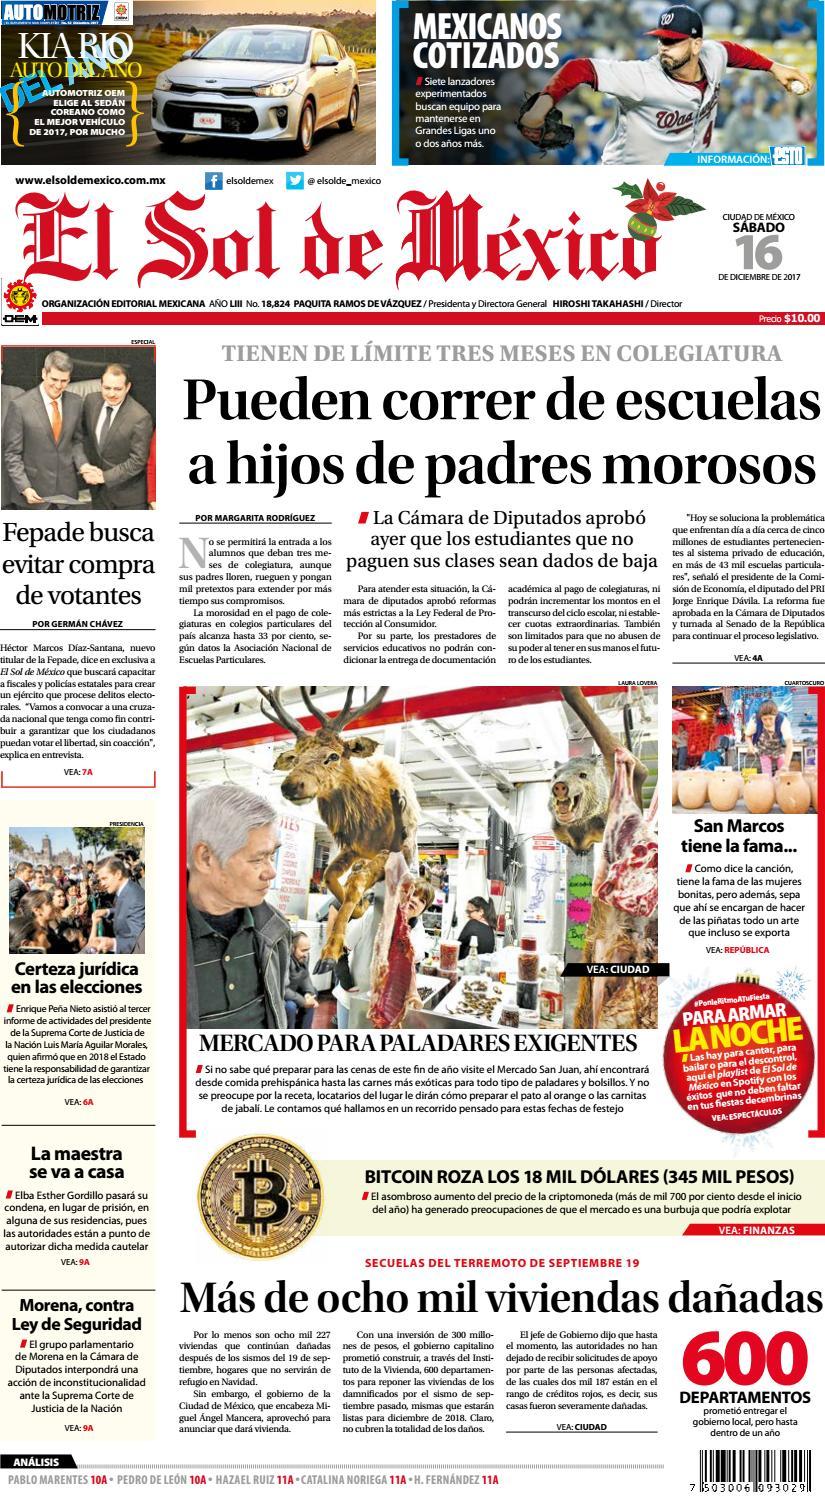 El Sol de México 16 de Diciembre de 2017 by El Sol de México - issuu e7123767652c4